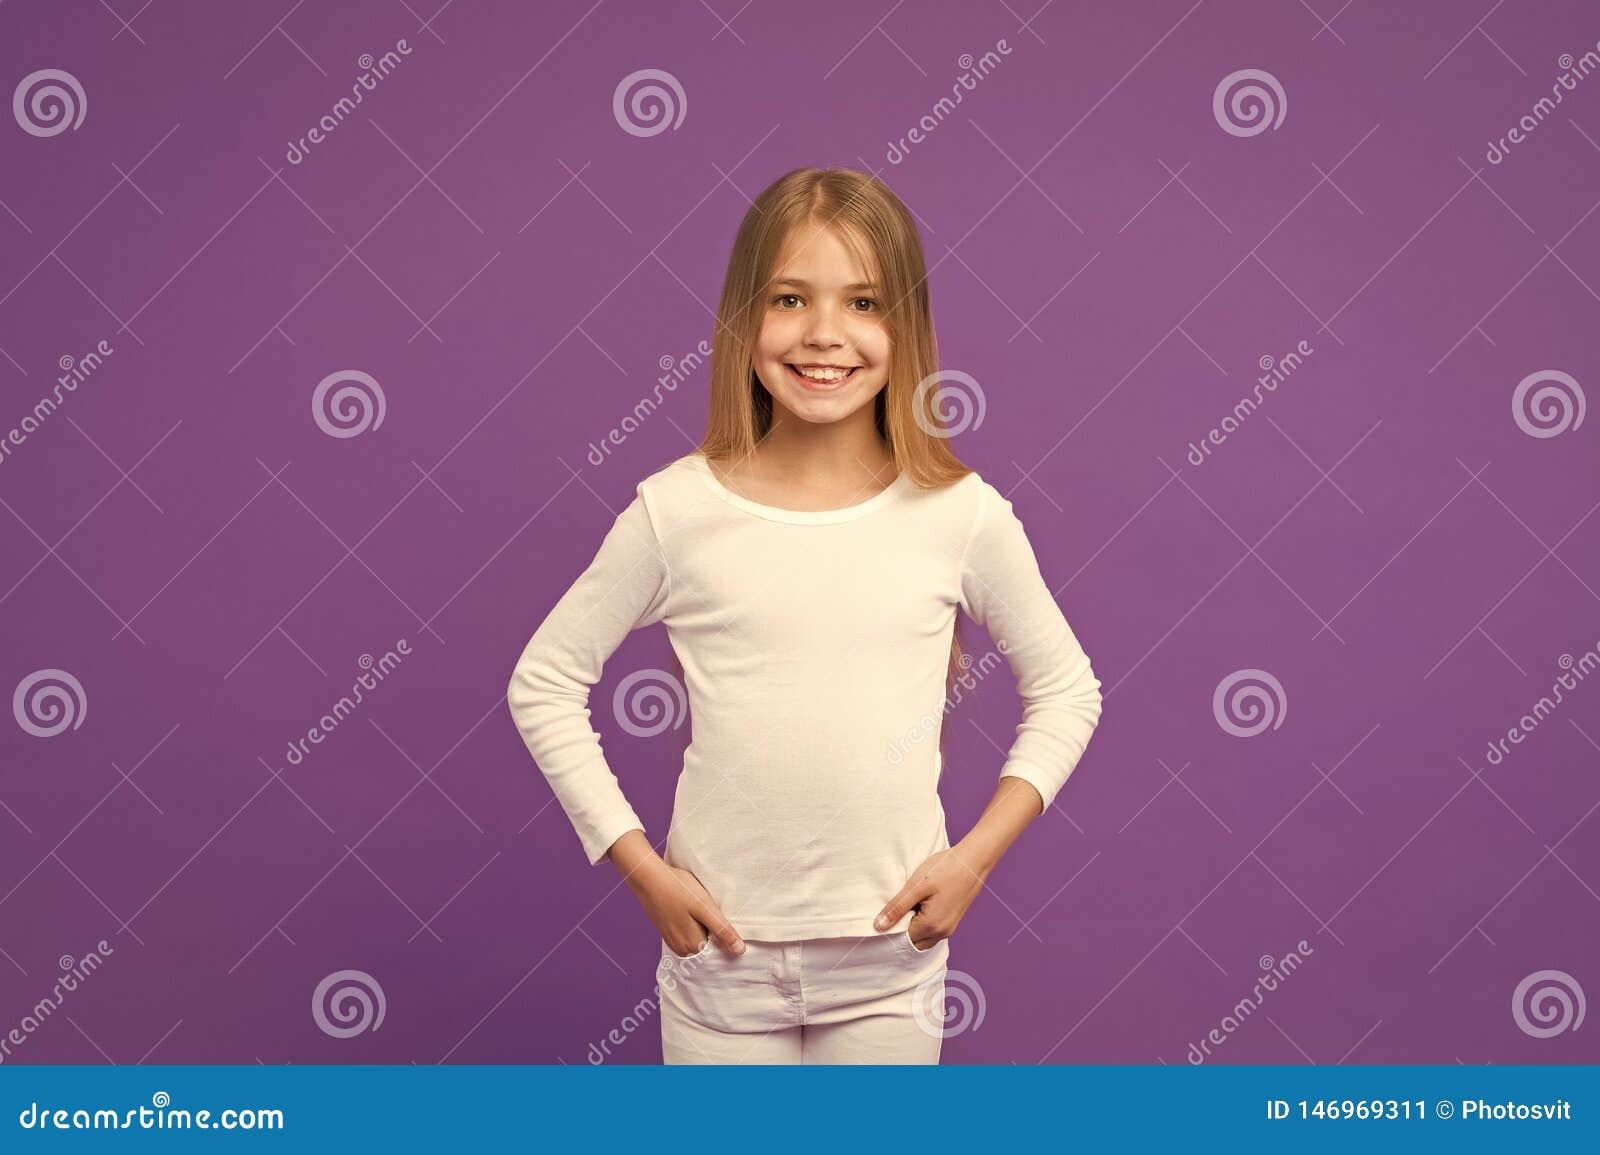 Kindertragender wei?er Pullover und Jeans, Jugendmodekonzept M?dchen mit blondes Haar lang gl?nzen Reizendes Kind mit gro?em